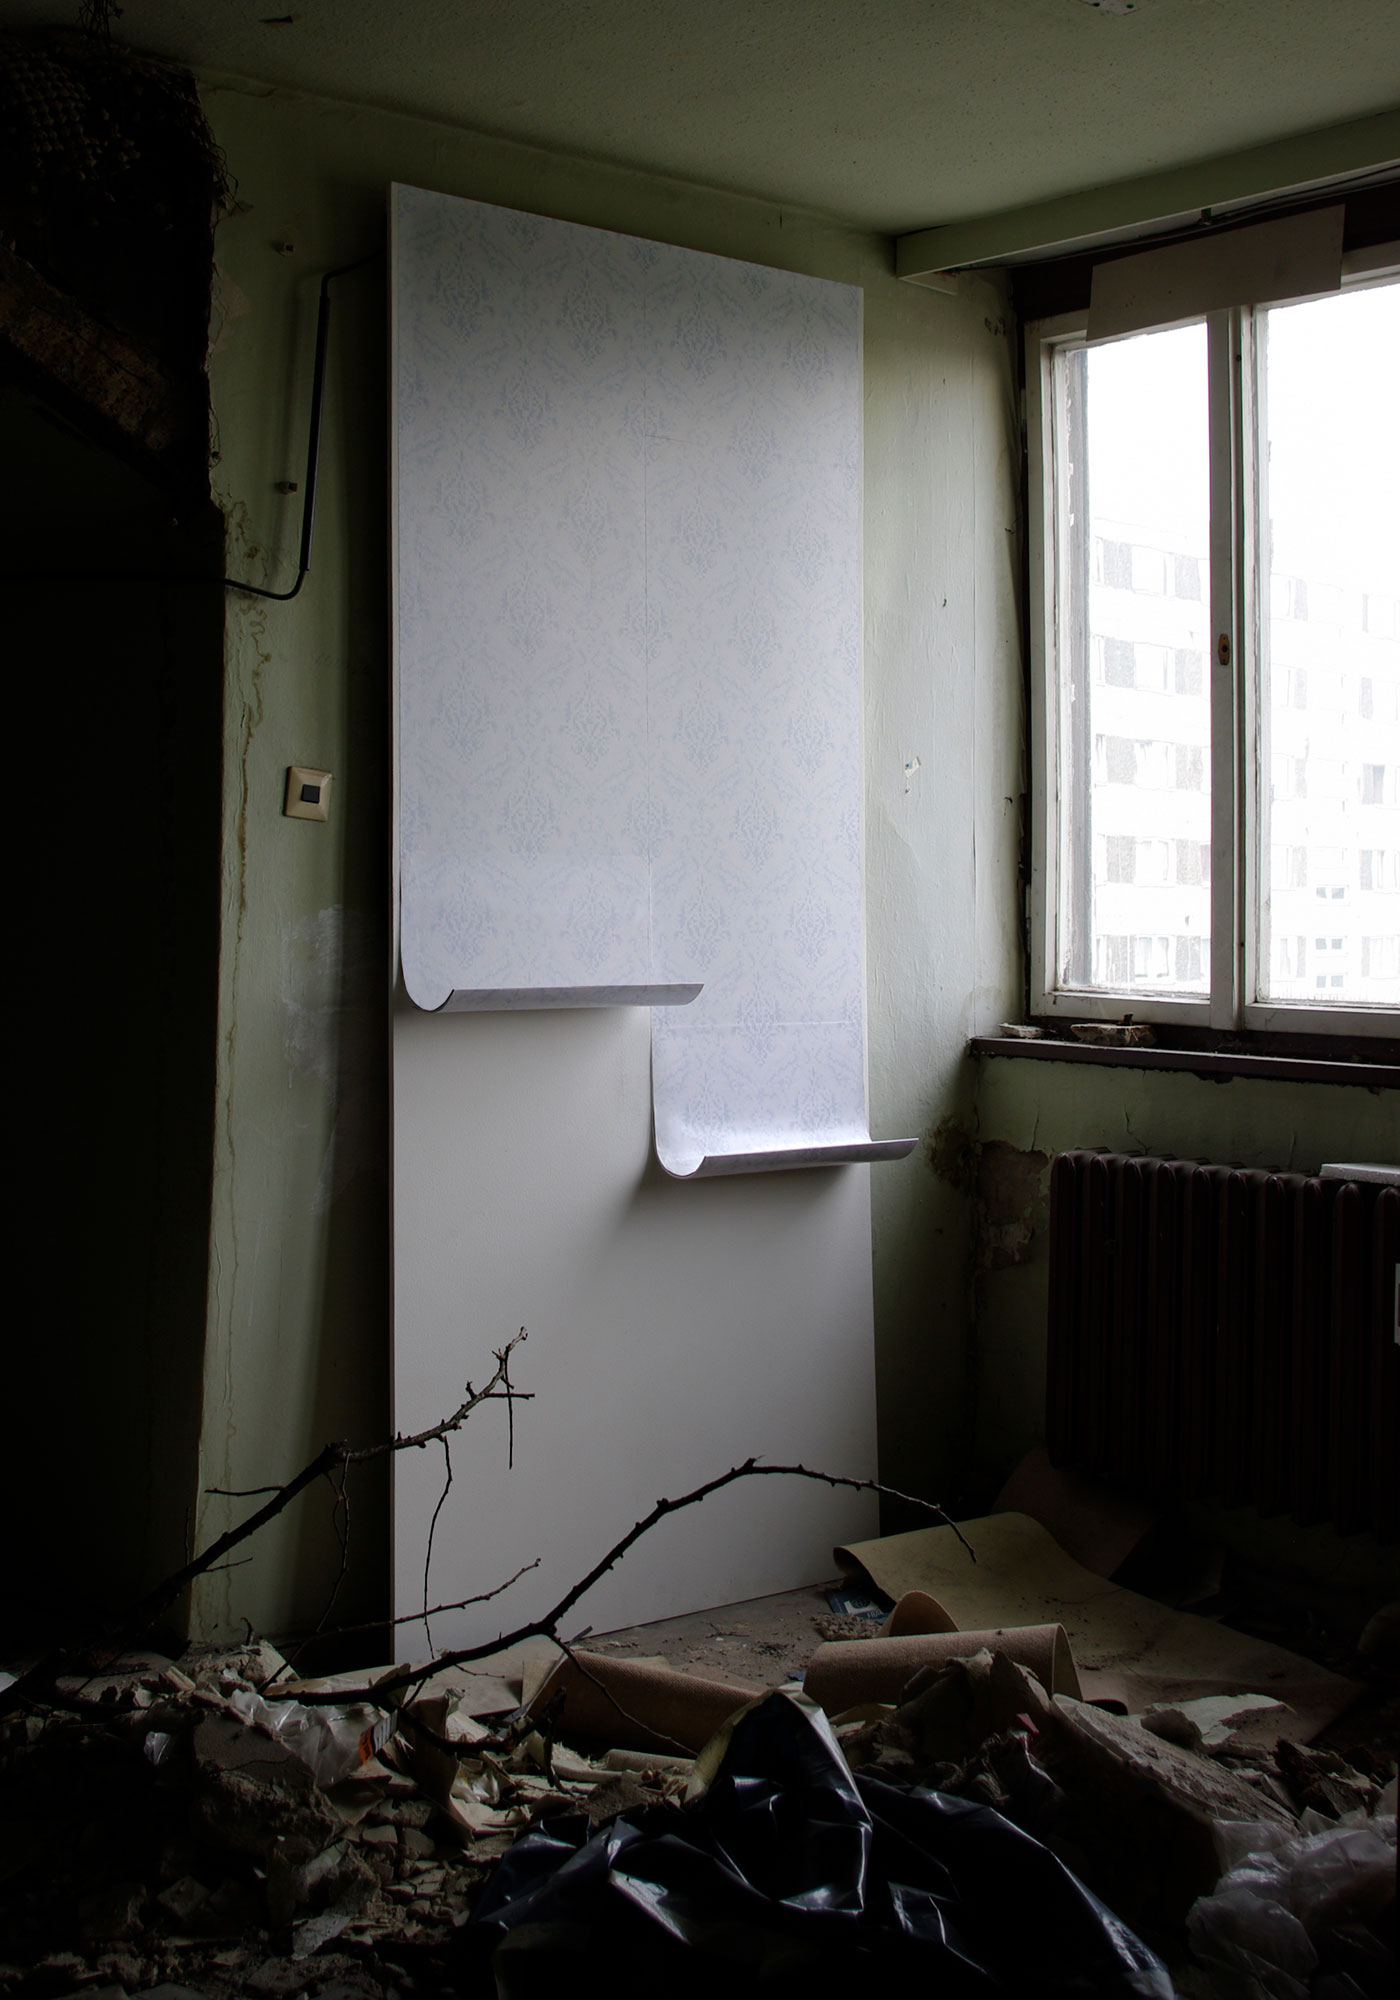 Feuchtigkeit durchdringt den Raum. Die Tapete löst ich von der Wand.